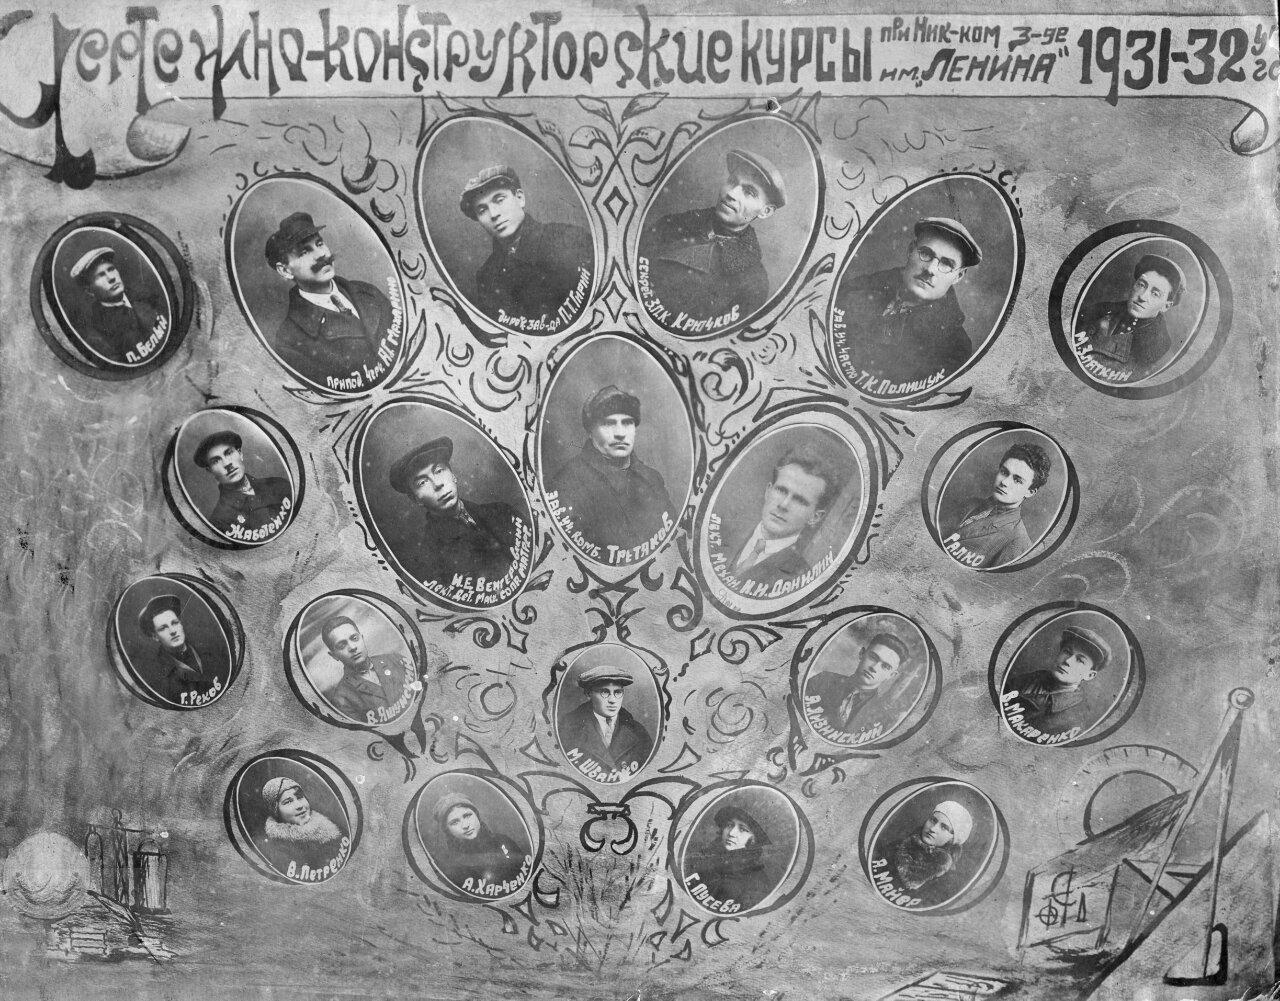 1931-1932. Чертежно-конструкторские курсы